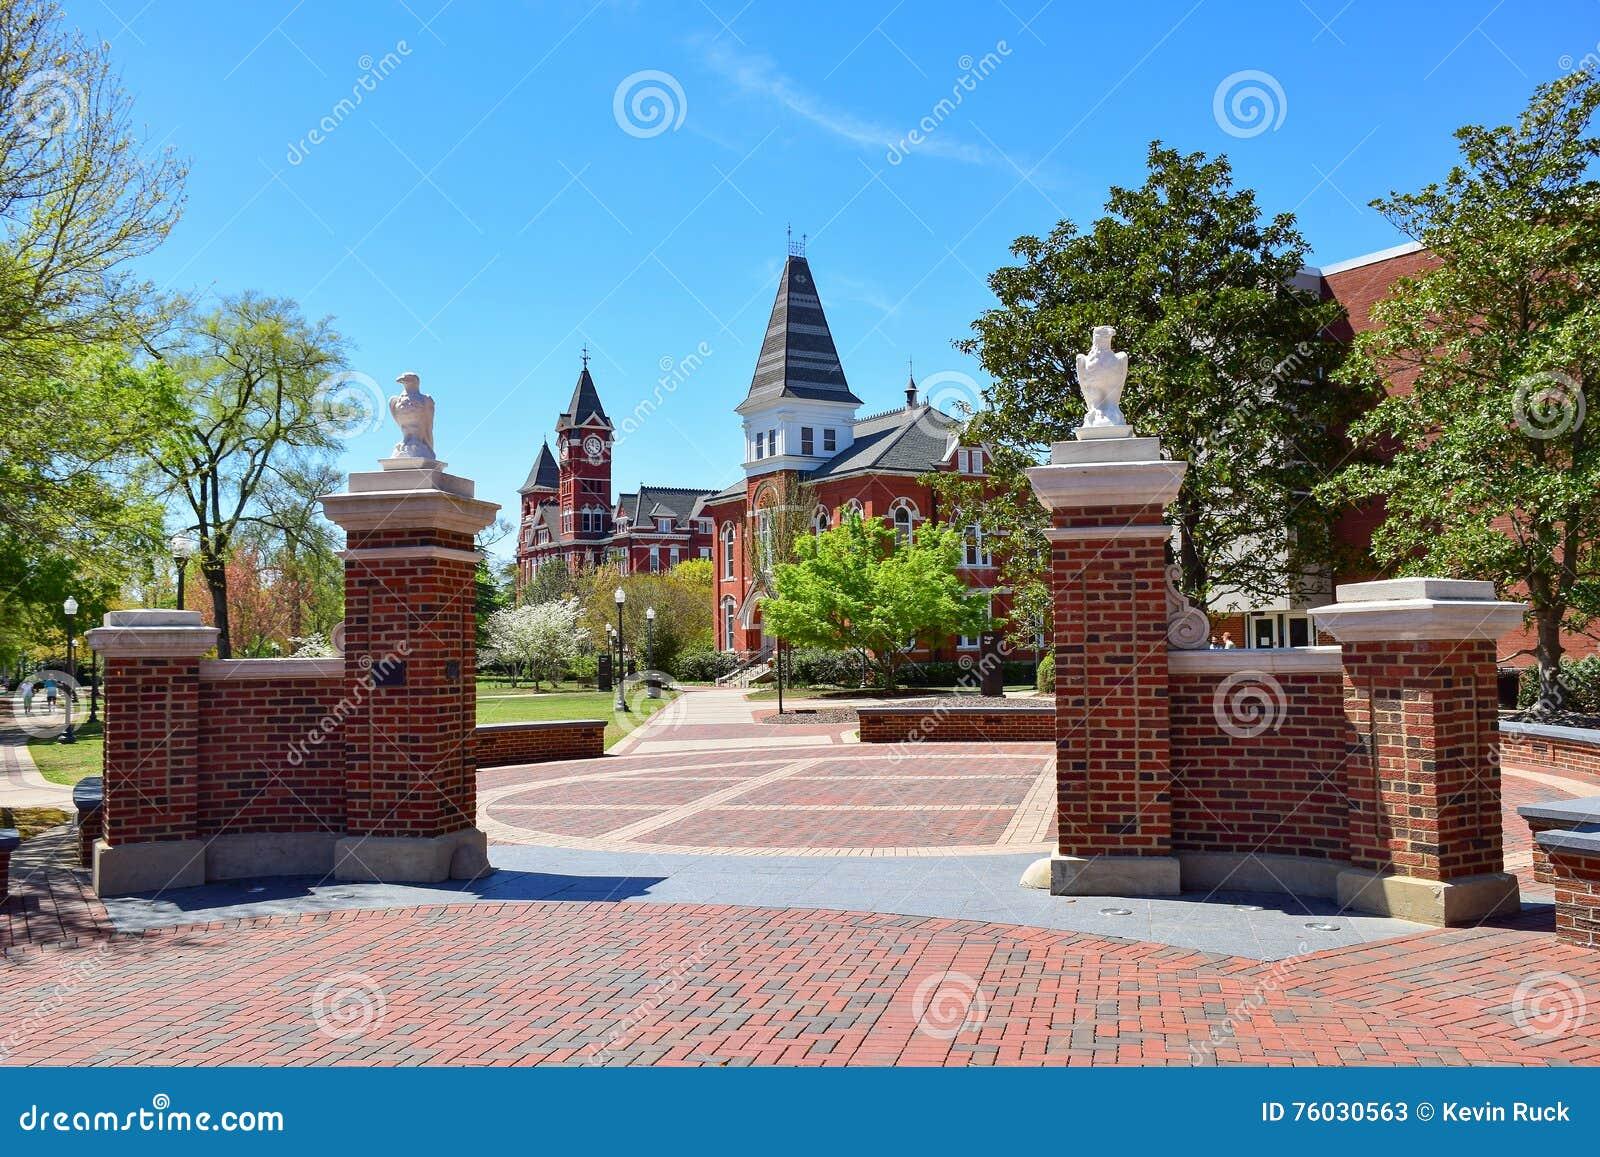 Entrance To Auburn University Stock Image - Image of